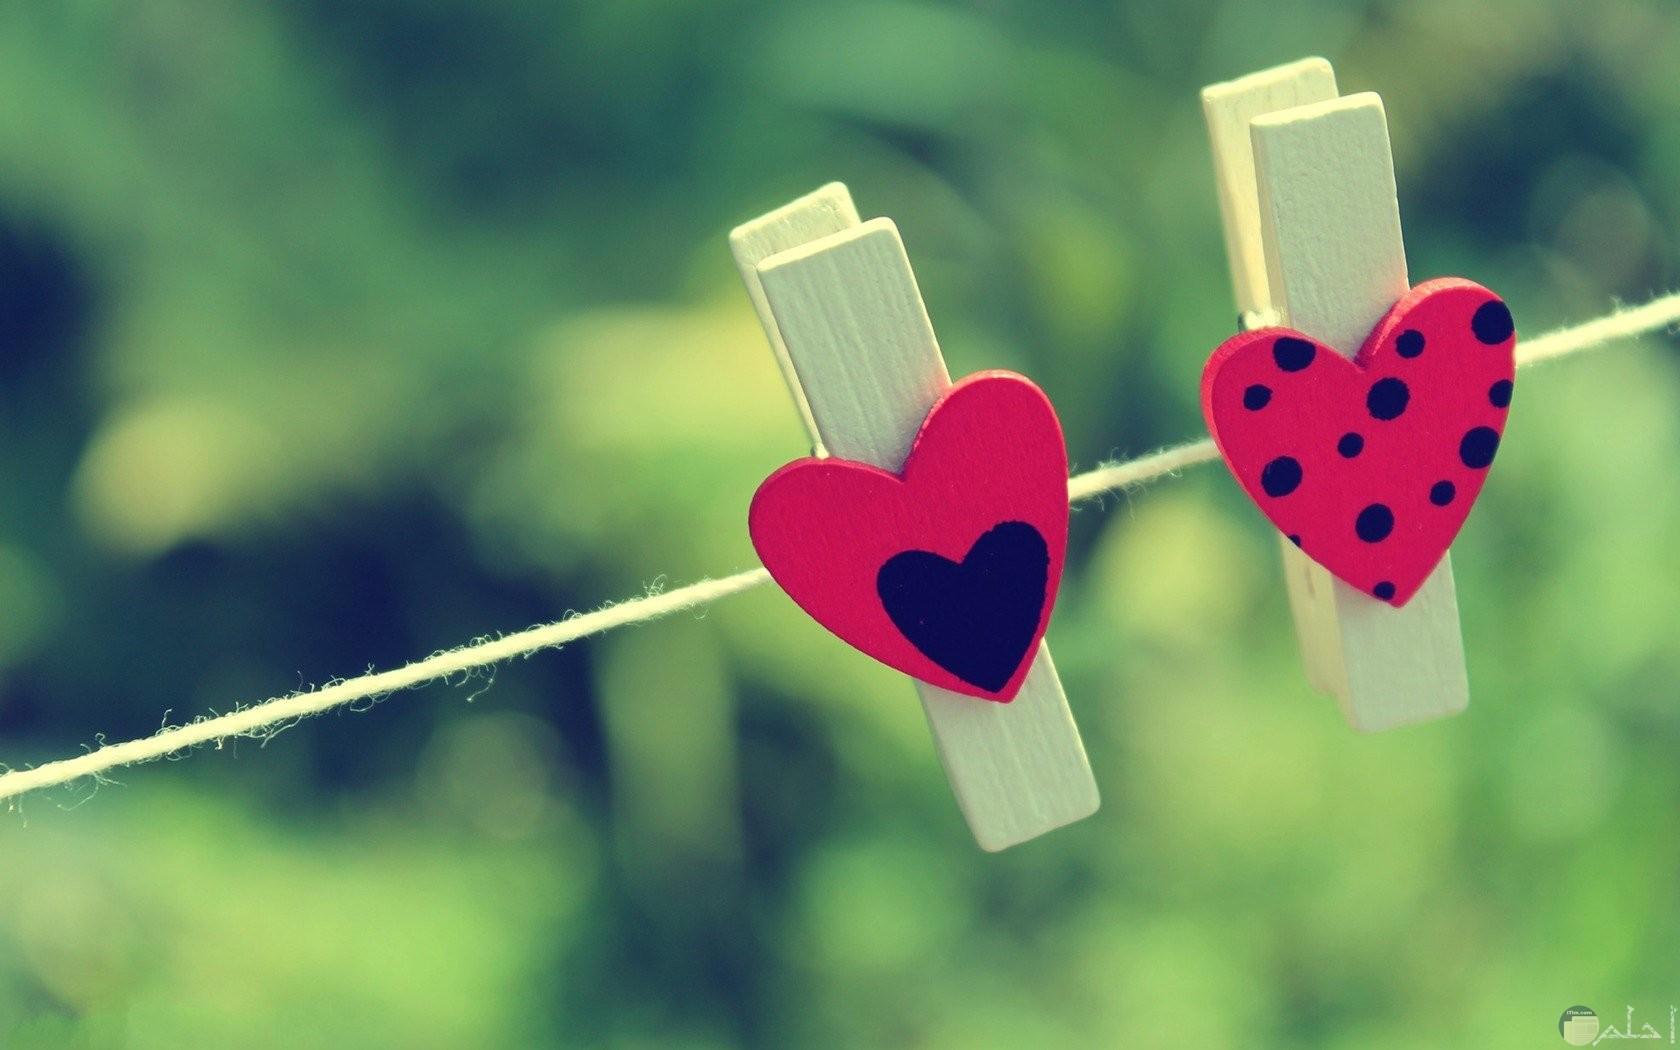 مشبك به قلب احمر منقط بالاسود ومشبكك اخر بها قلب احمر وقلب اسود صغير